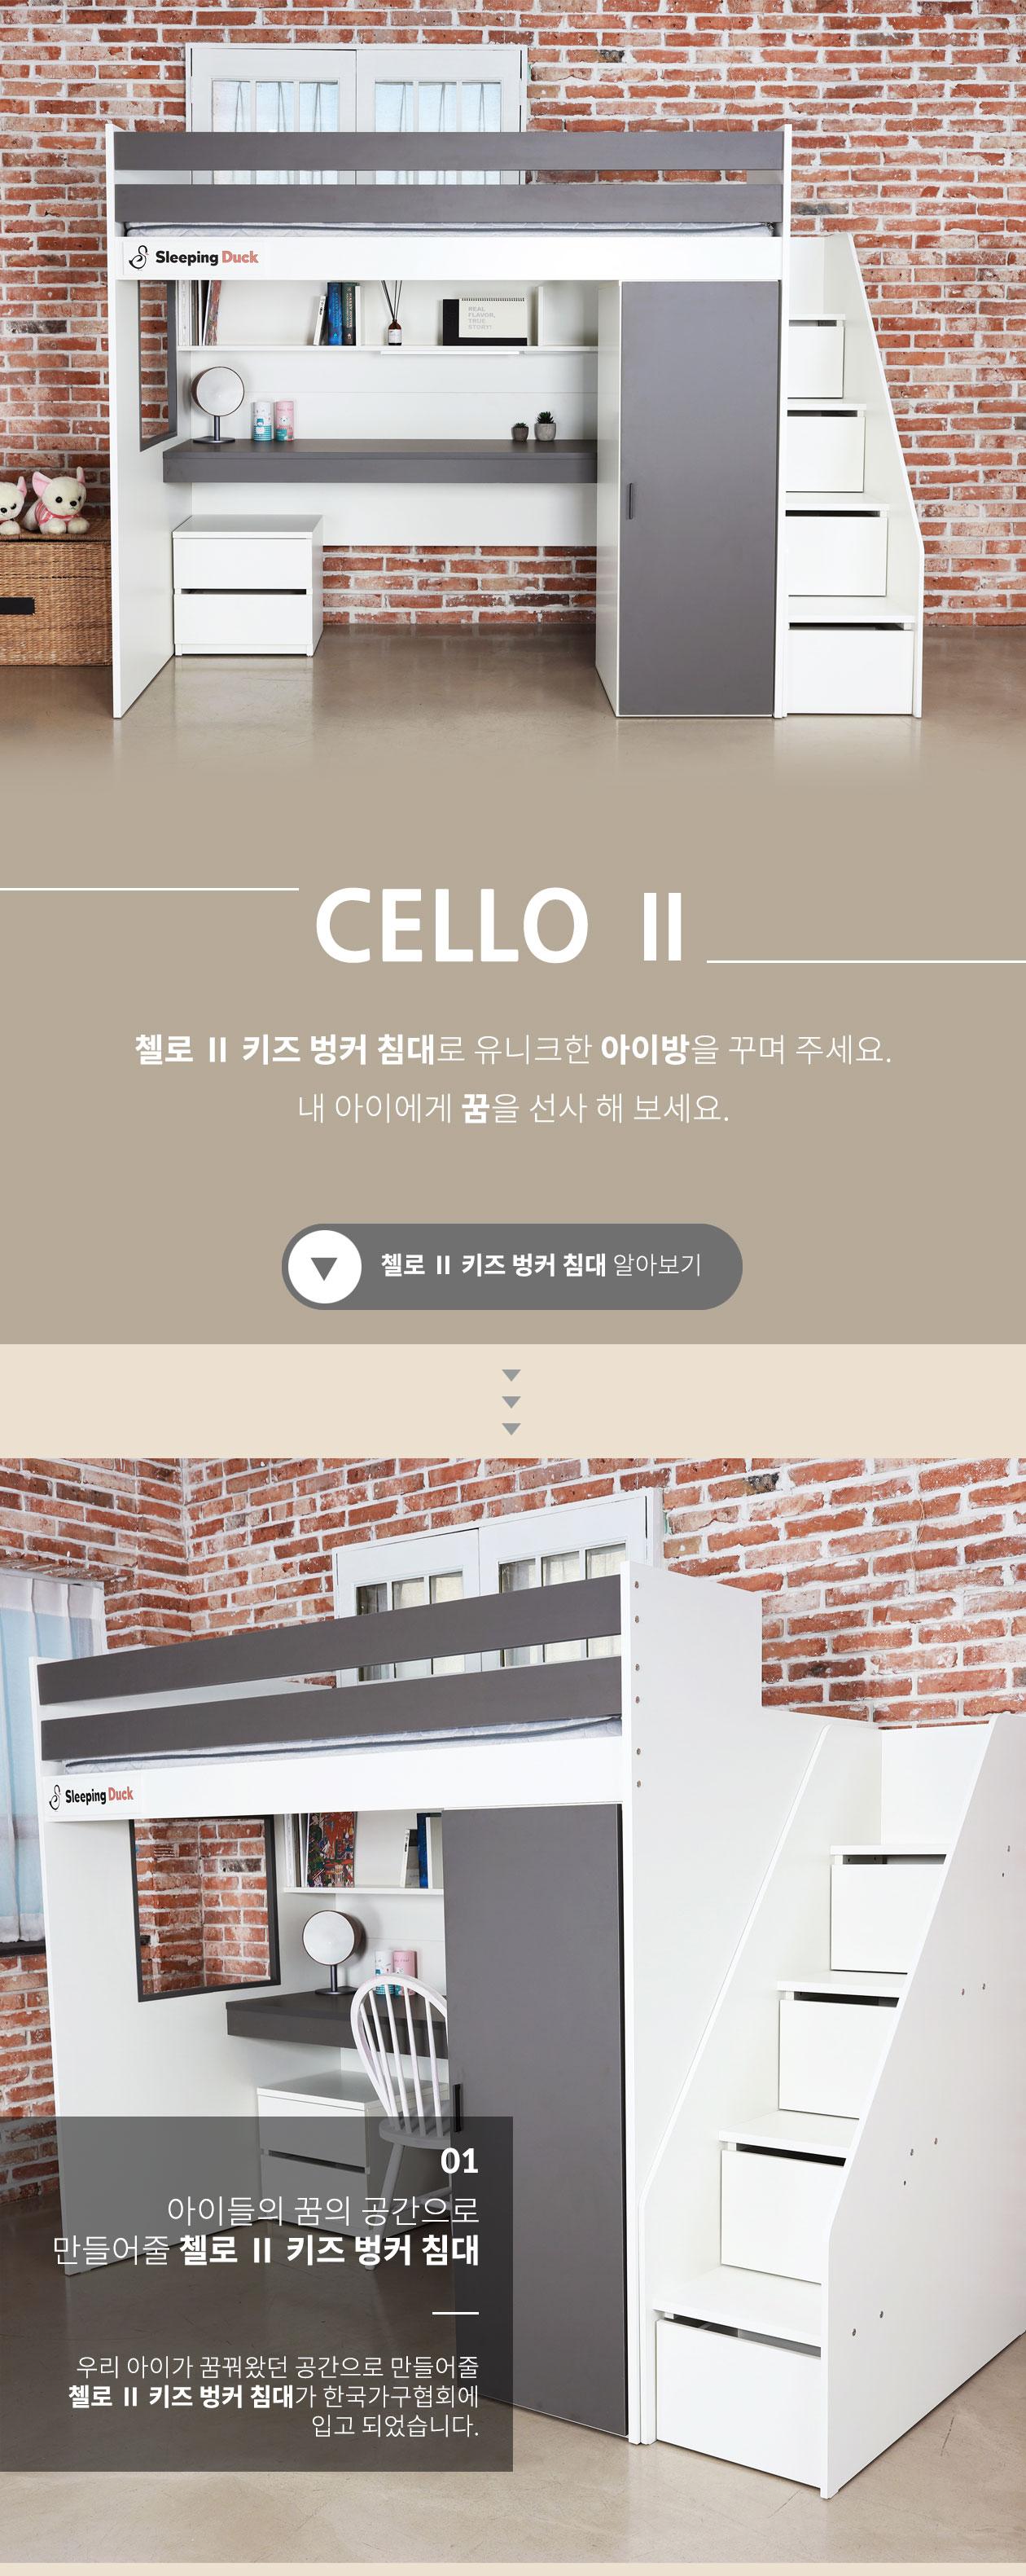 cello_2_01.jpg